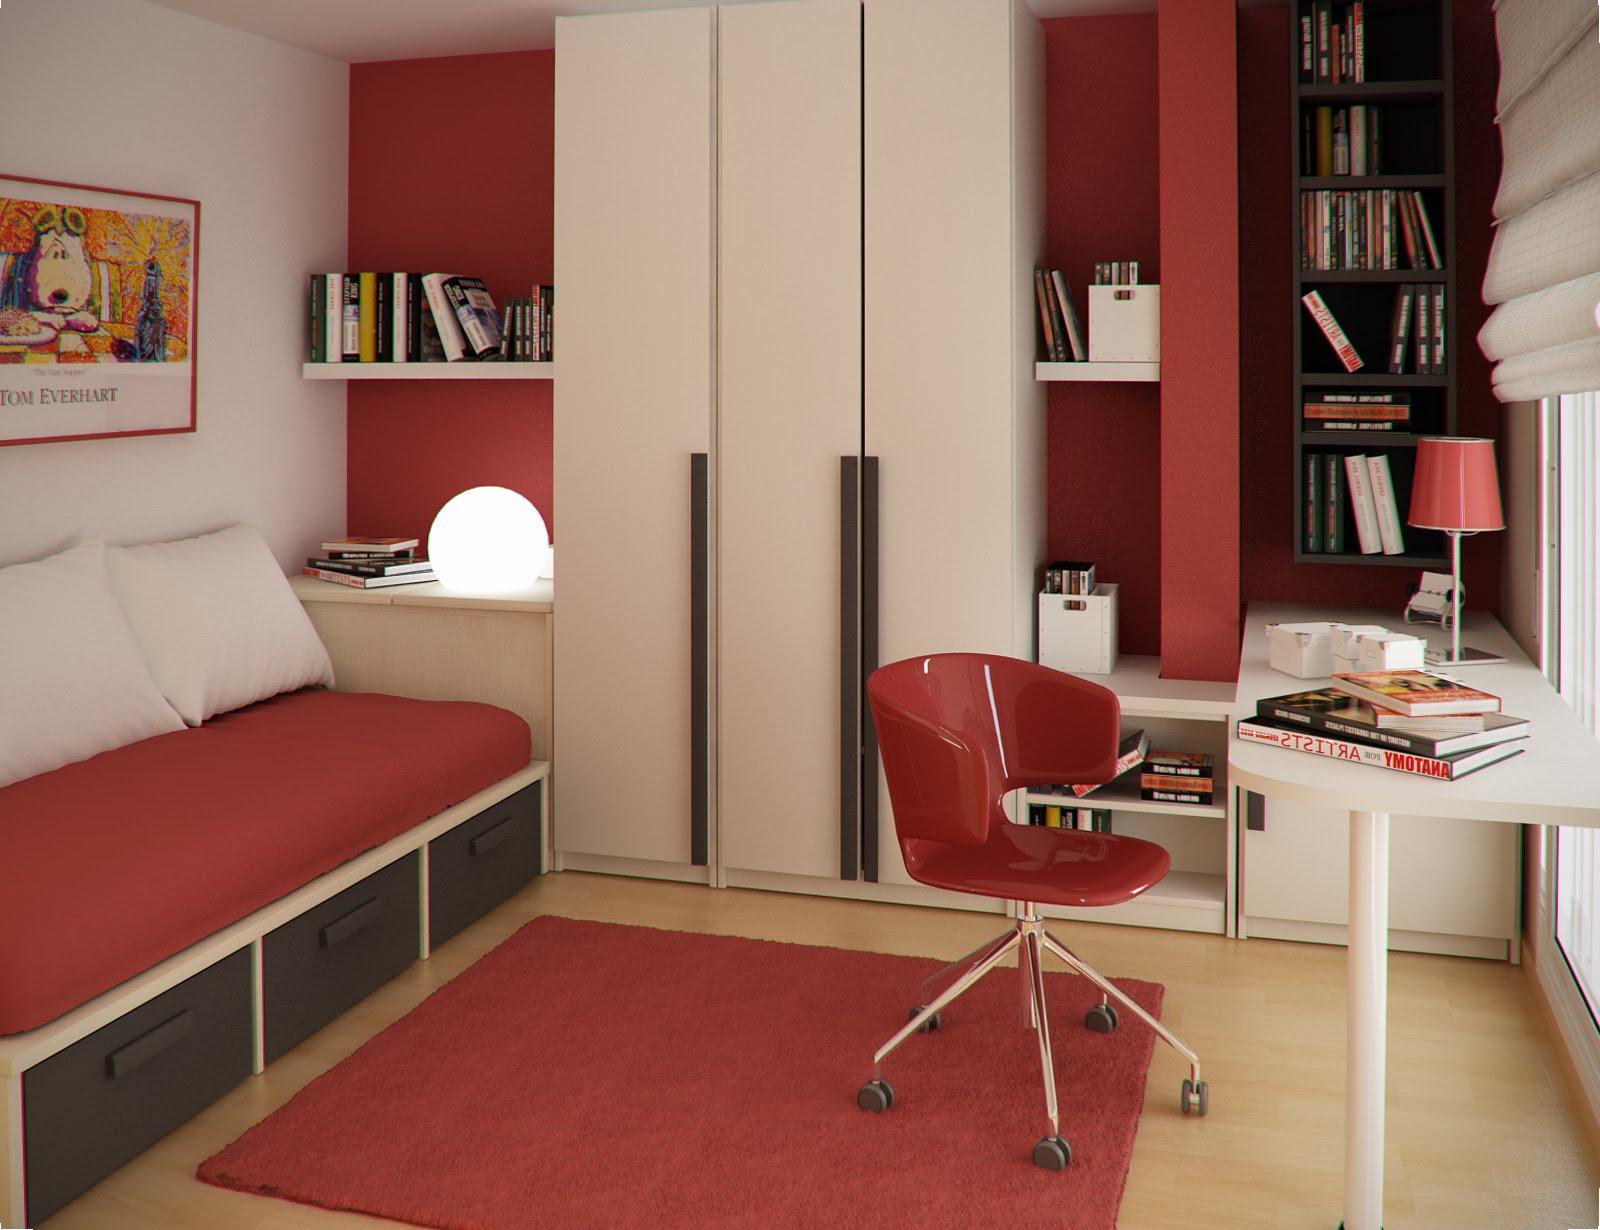 Учебный уголок в красном цвете в комнате школьника